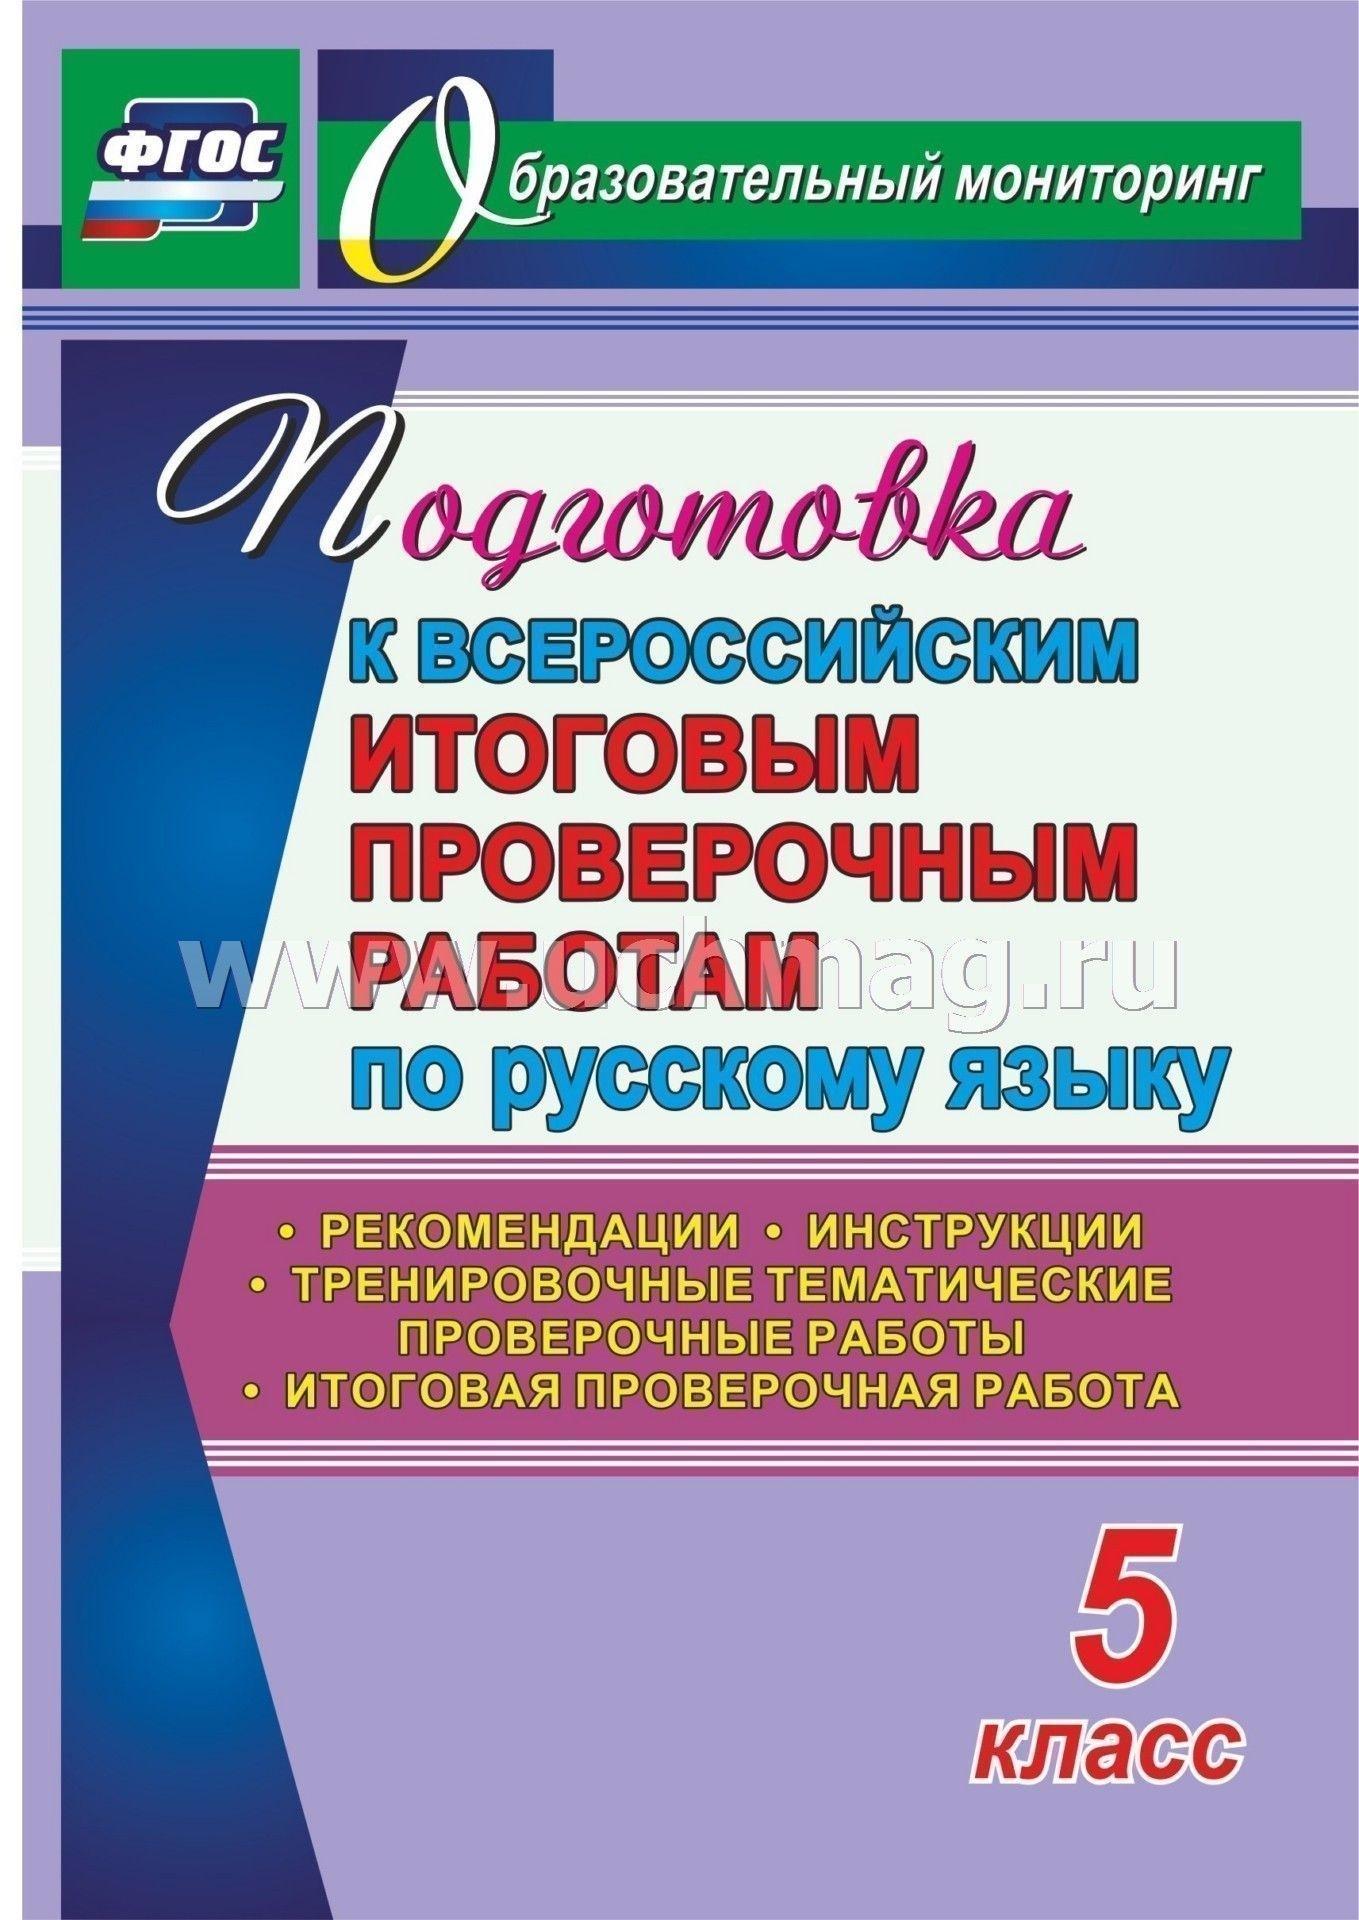 Подготовка К Всероссийским Итоговым Проверочным Работам По Русскому Языку.  5 Класс. Рекомендации, Тренировочные Тематические Проверочные Работы,